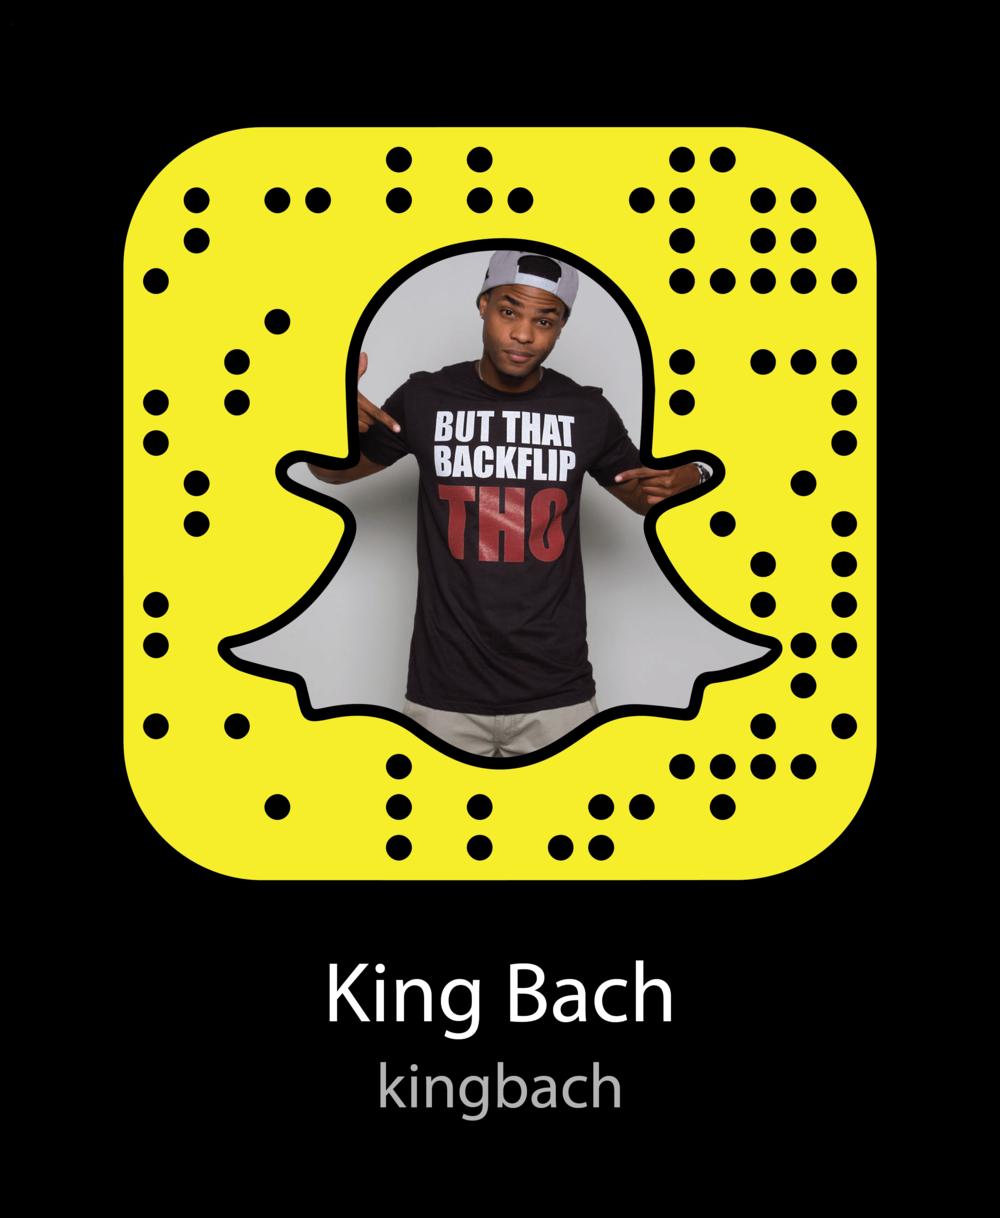 king-bach-vine-celebrity-snapchat-snapcode